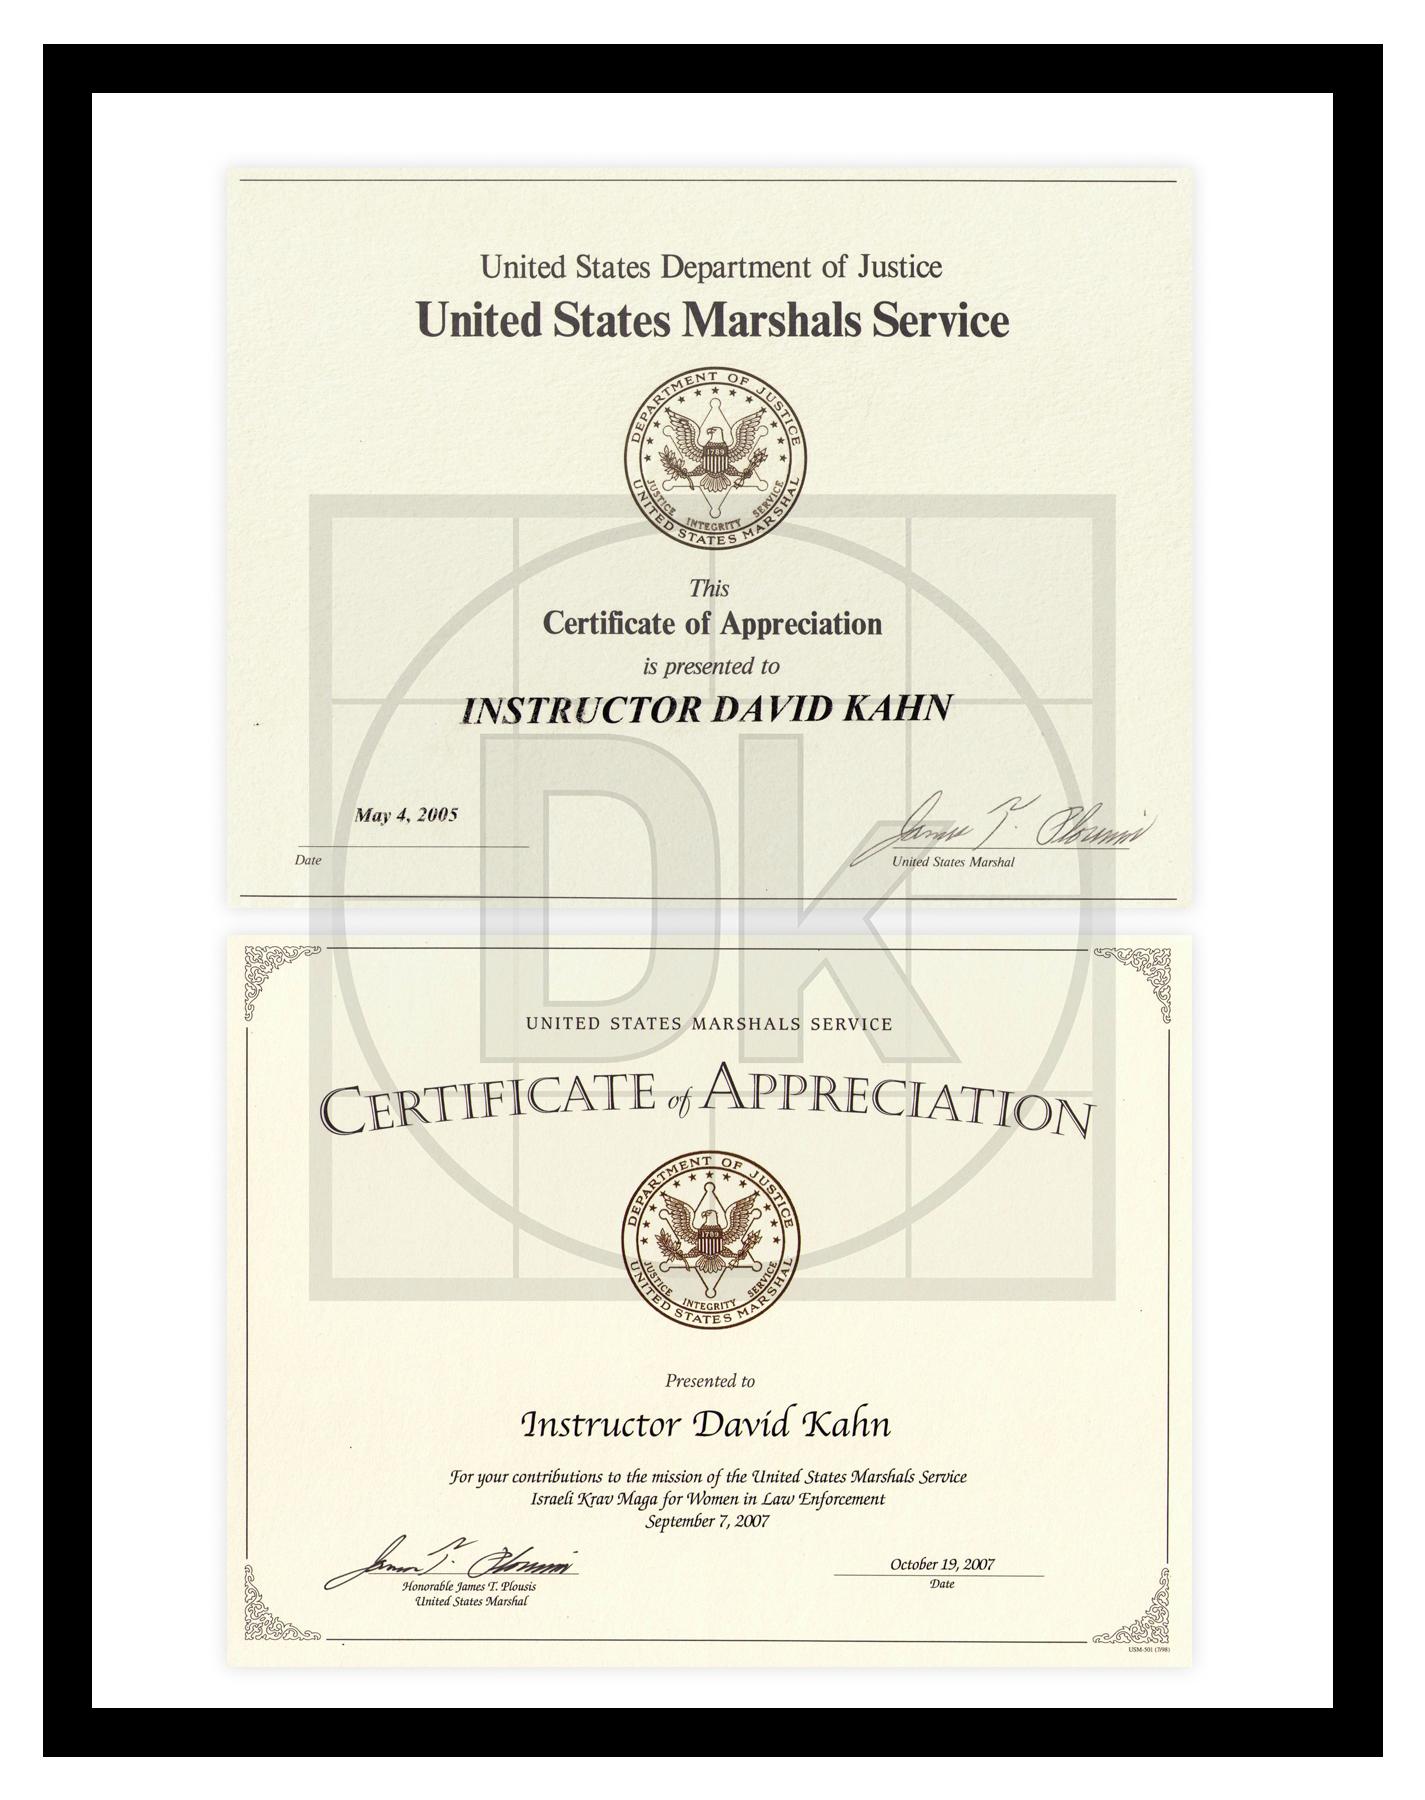 David-Kahn-Krav-Maga-US-Marshals.png